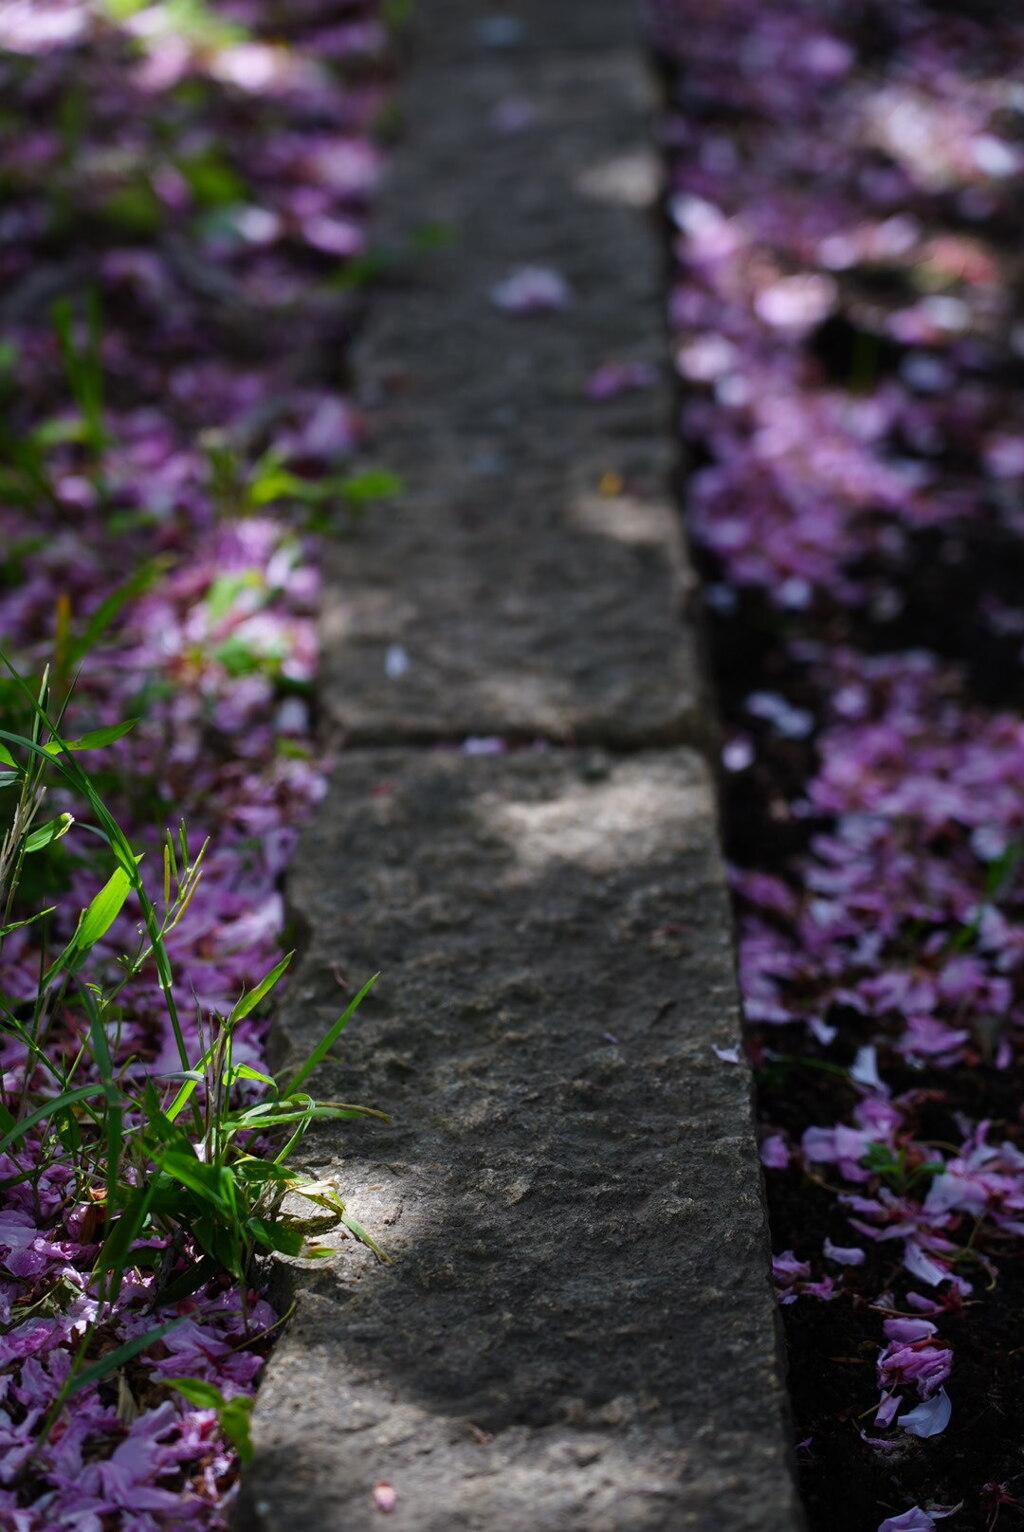 桜の花びらと草、そして石